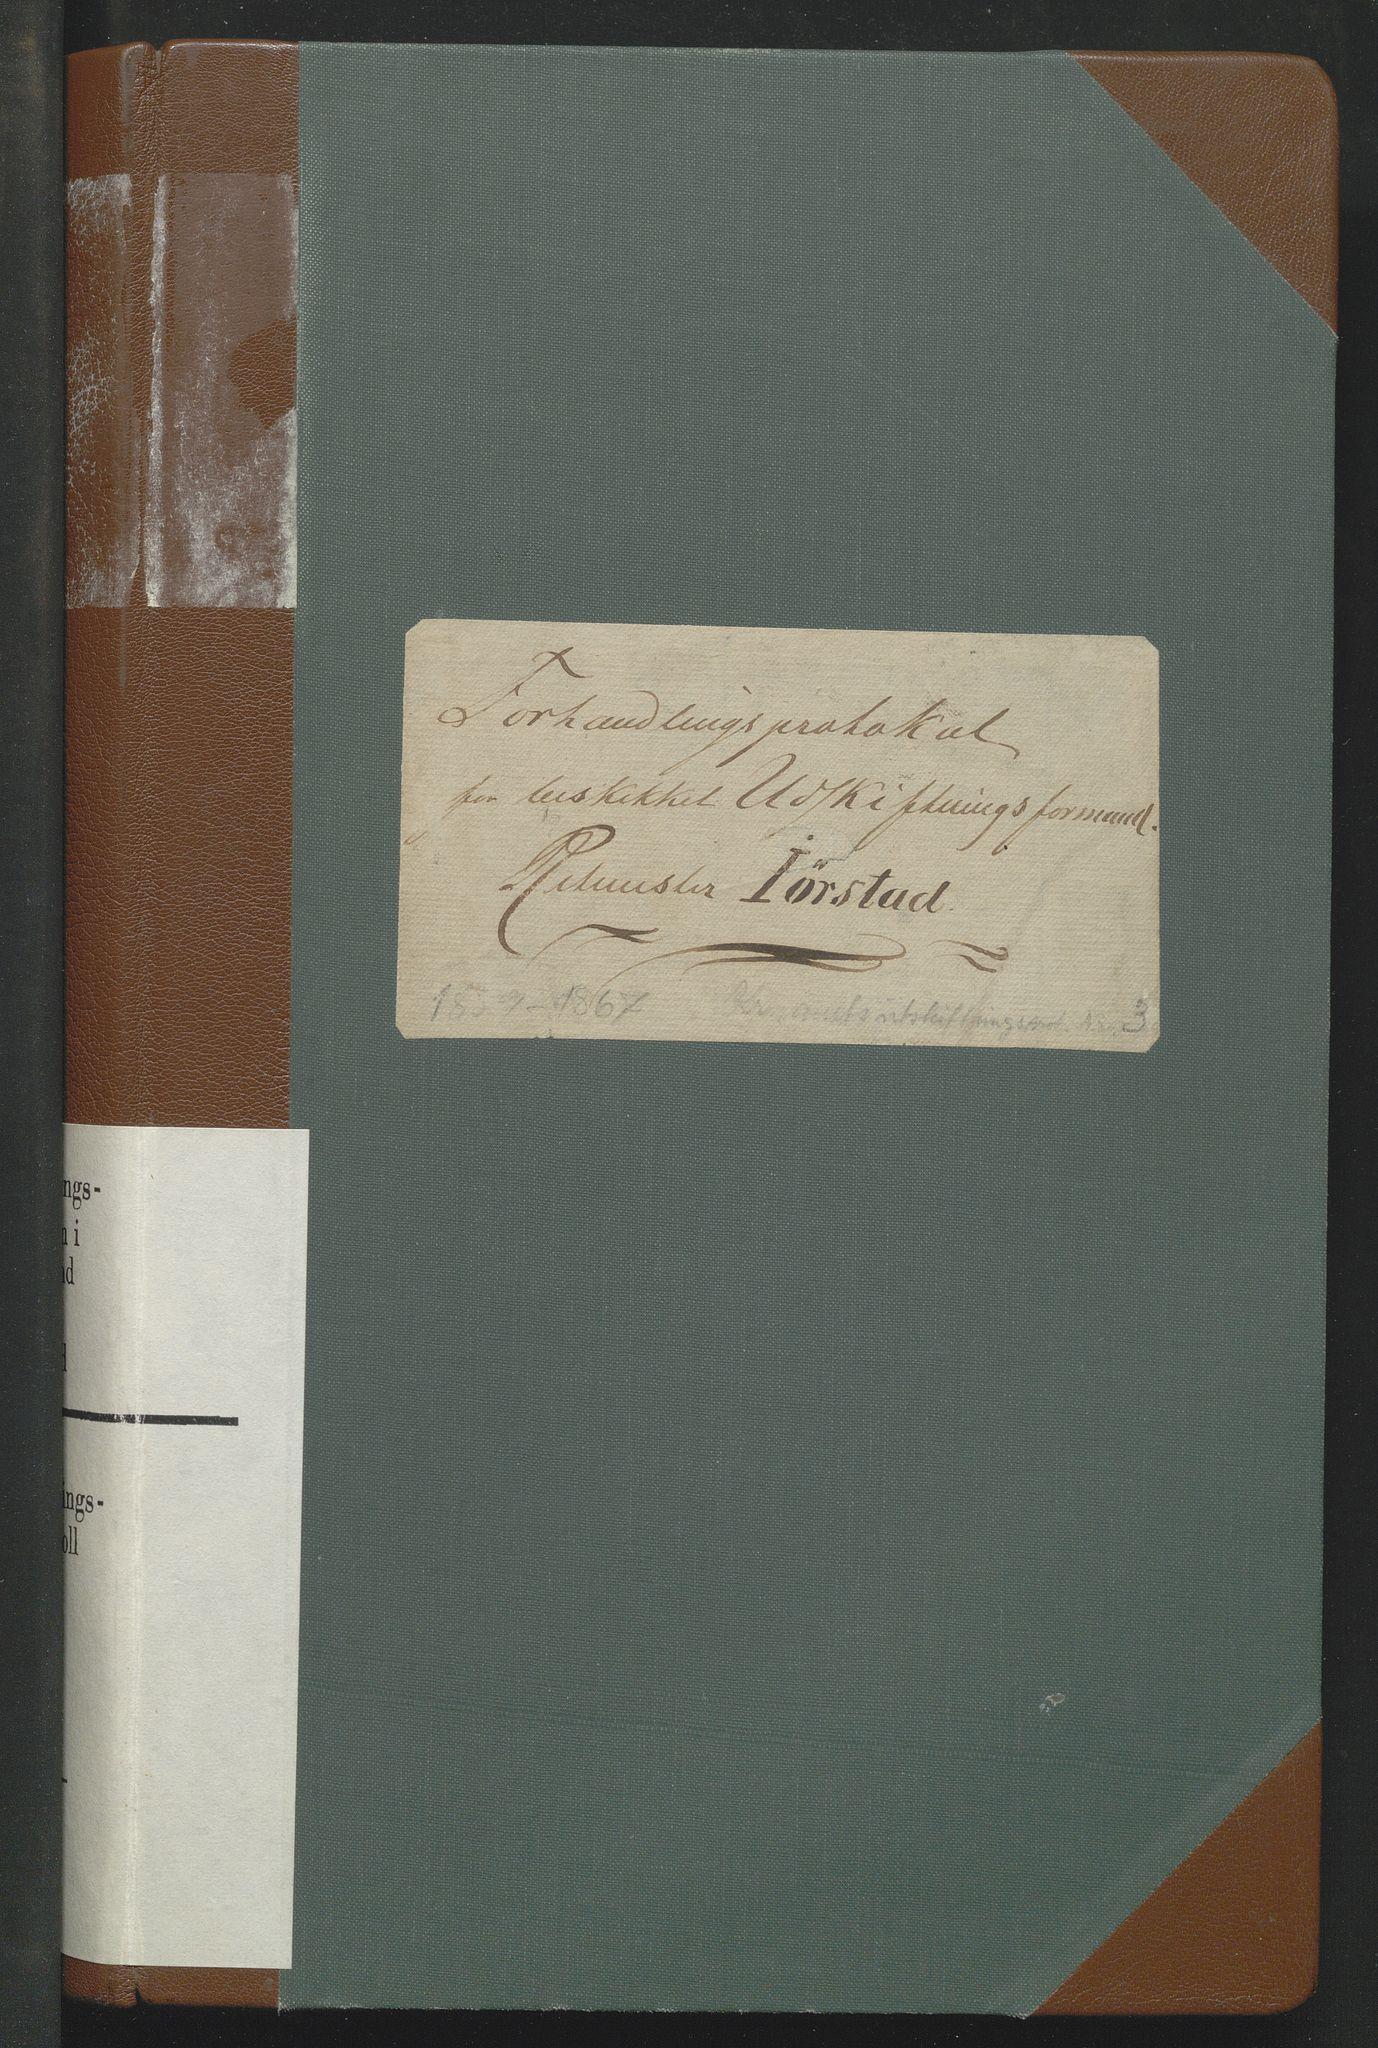 SAH, Utskiftningsformannen i Oppland fylke, H/He/Heg/L0001: Forhandlingsprotokoll - hele Oppland, 1859-1867